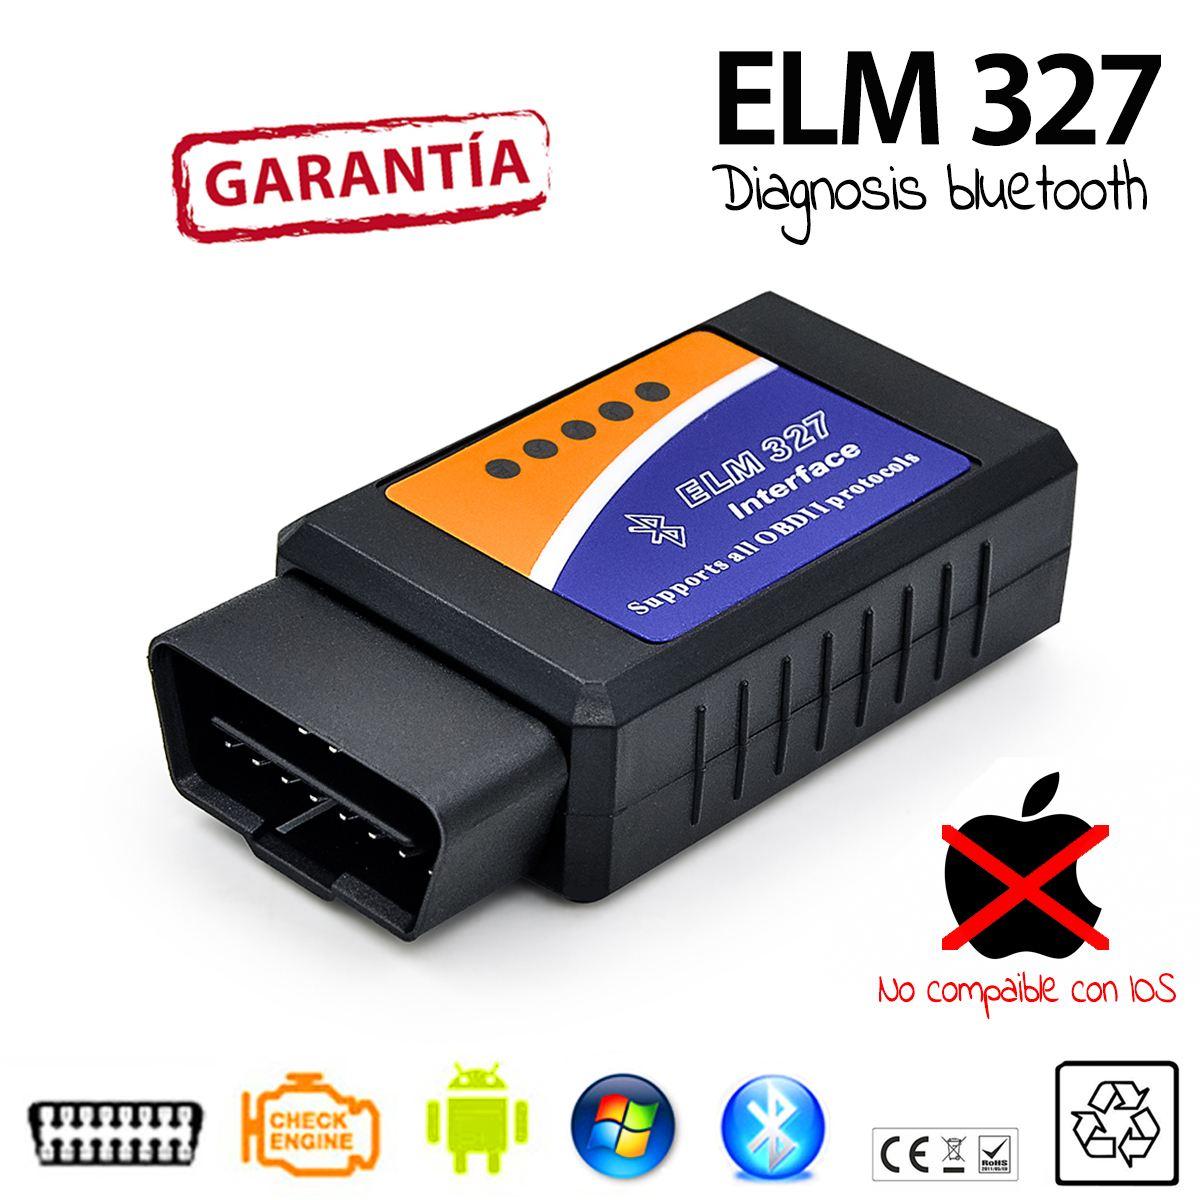 Lector de diagnosis ELM327 | Tutiendastore.es